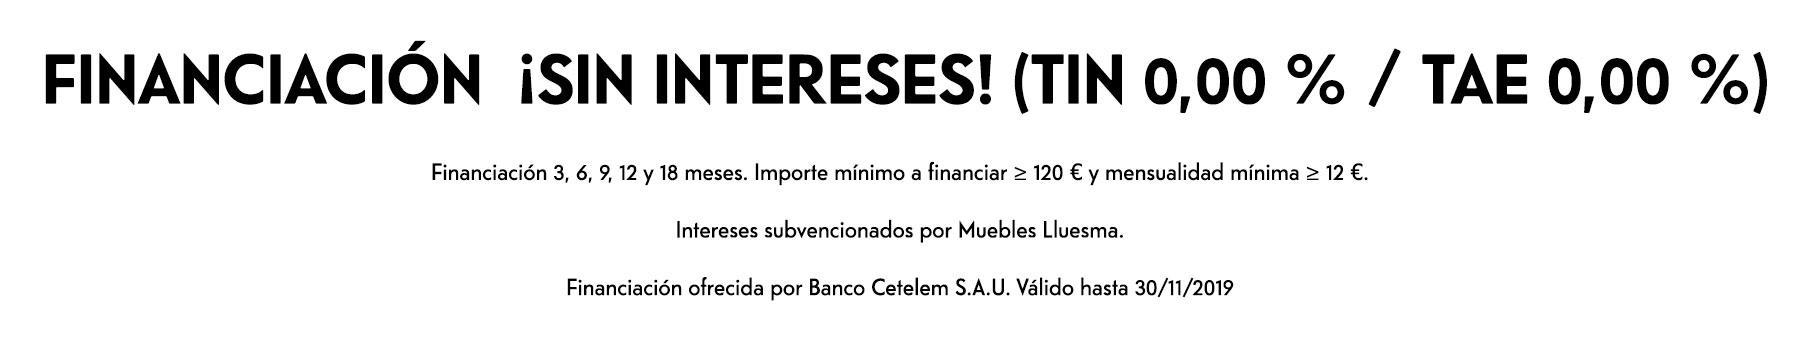 Financiación ofrecida por Banco Cetelem